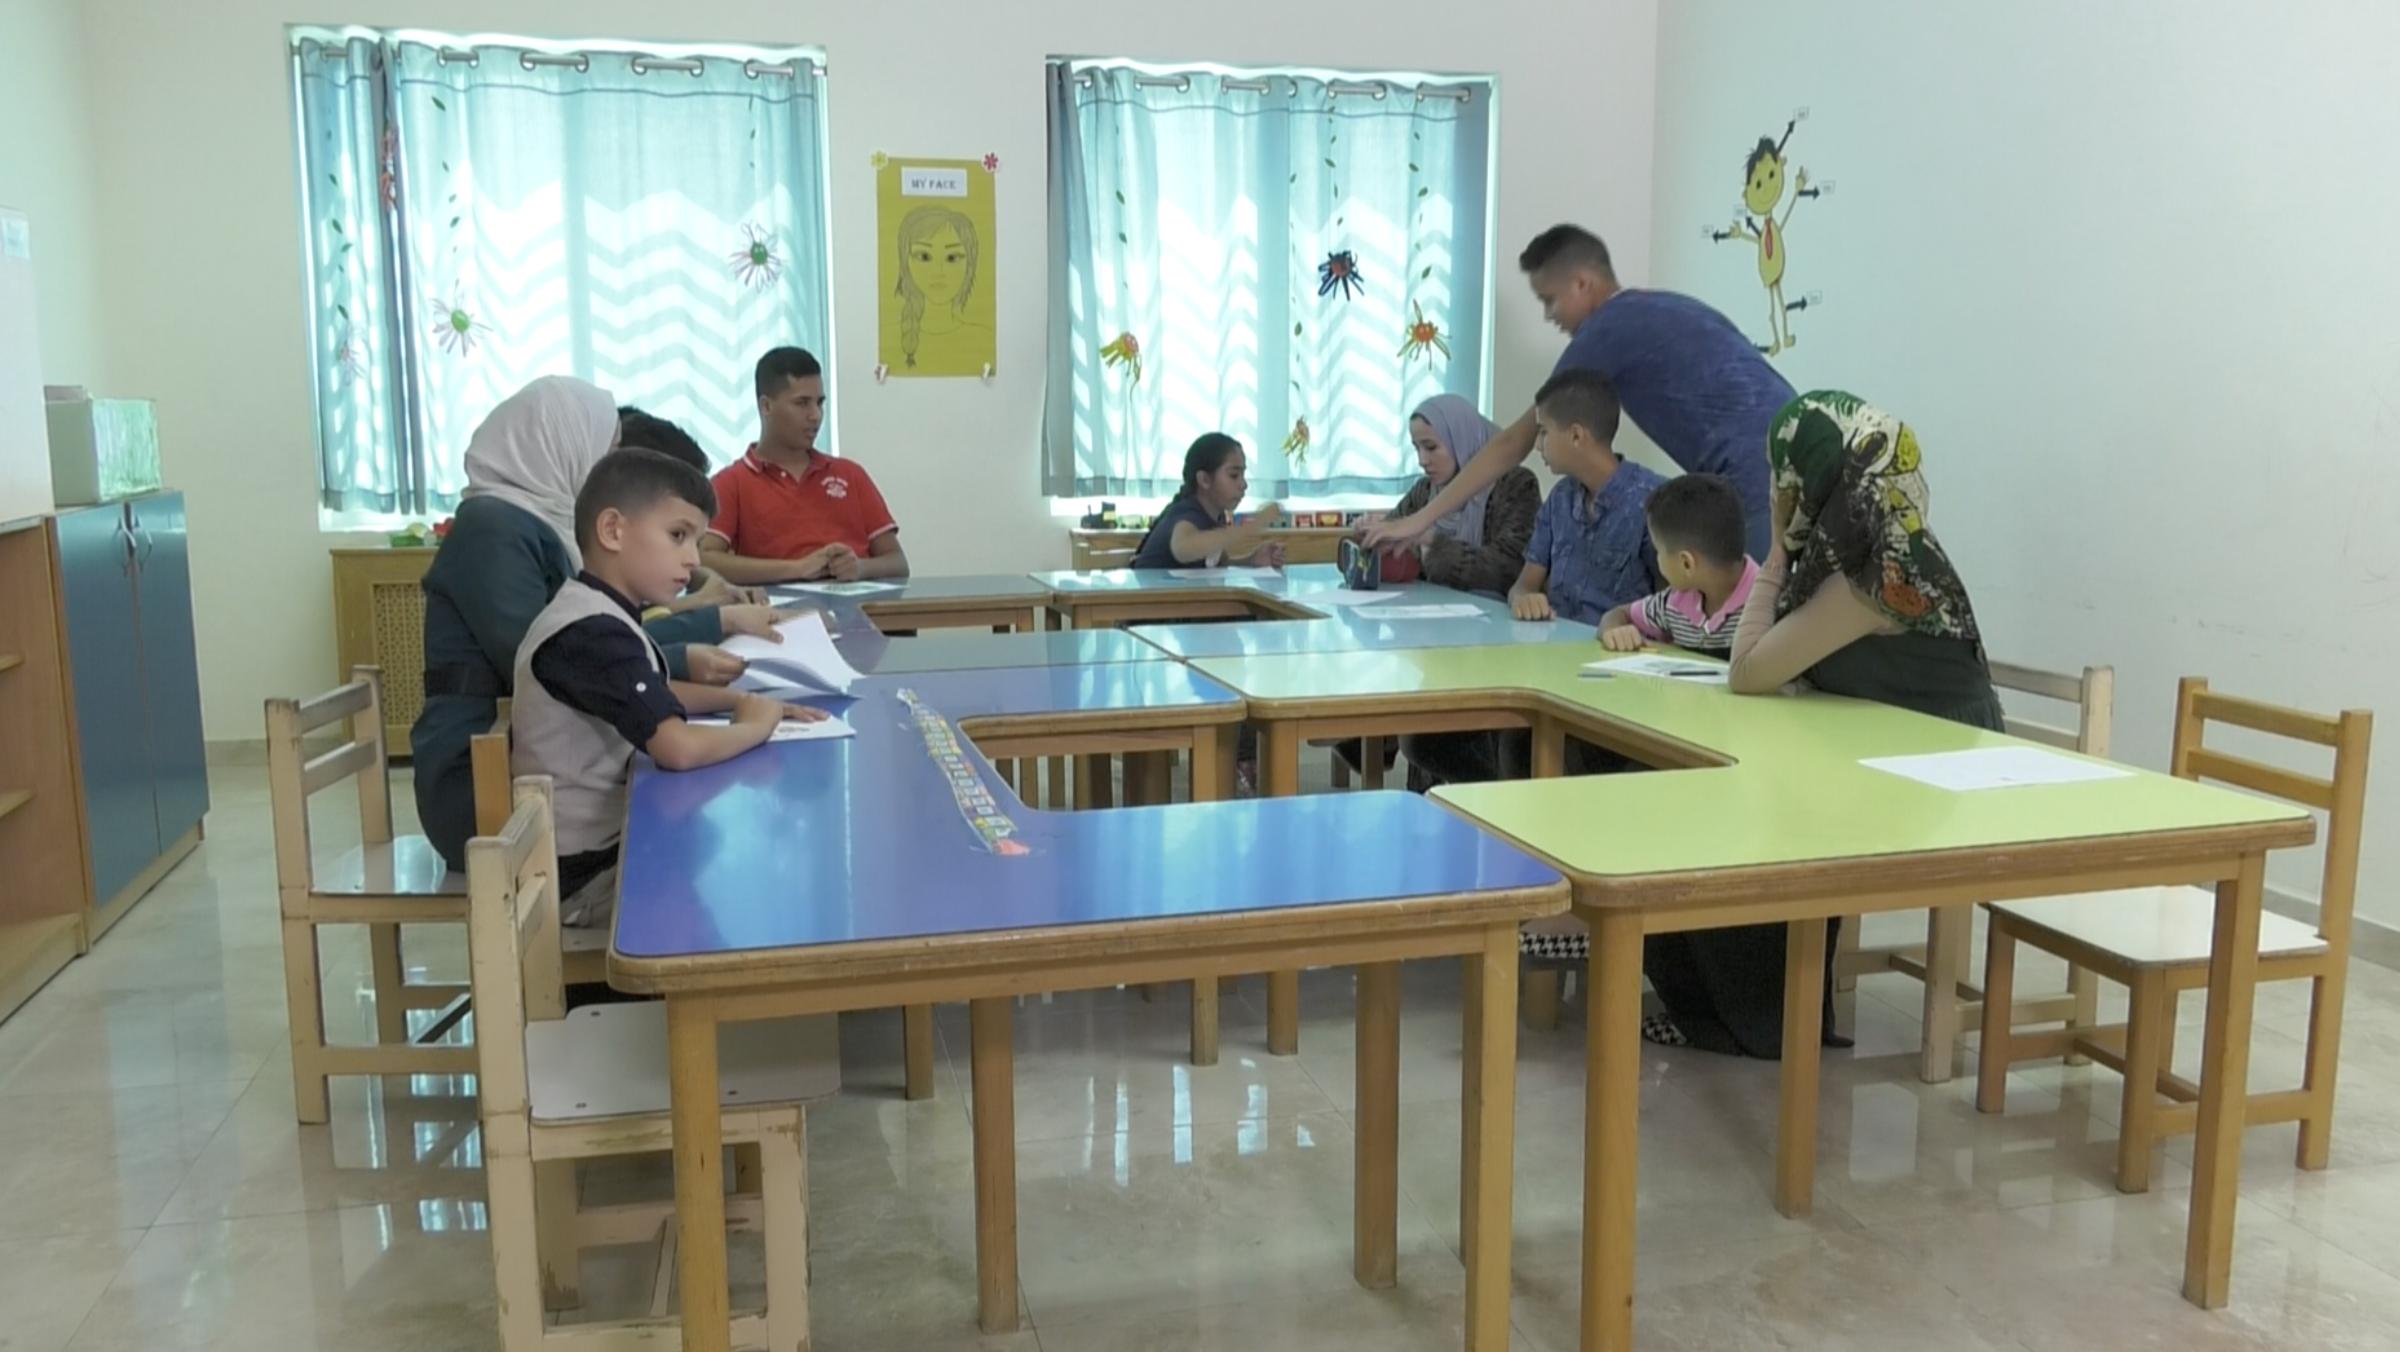 أطفال التوحد الأكاديمية الأردنية للتوحد